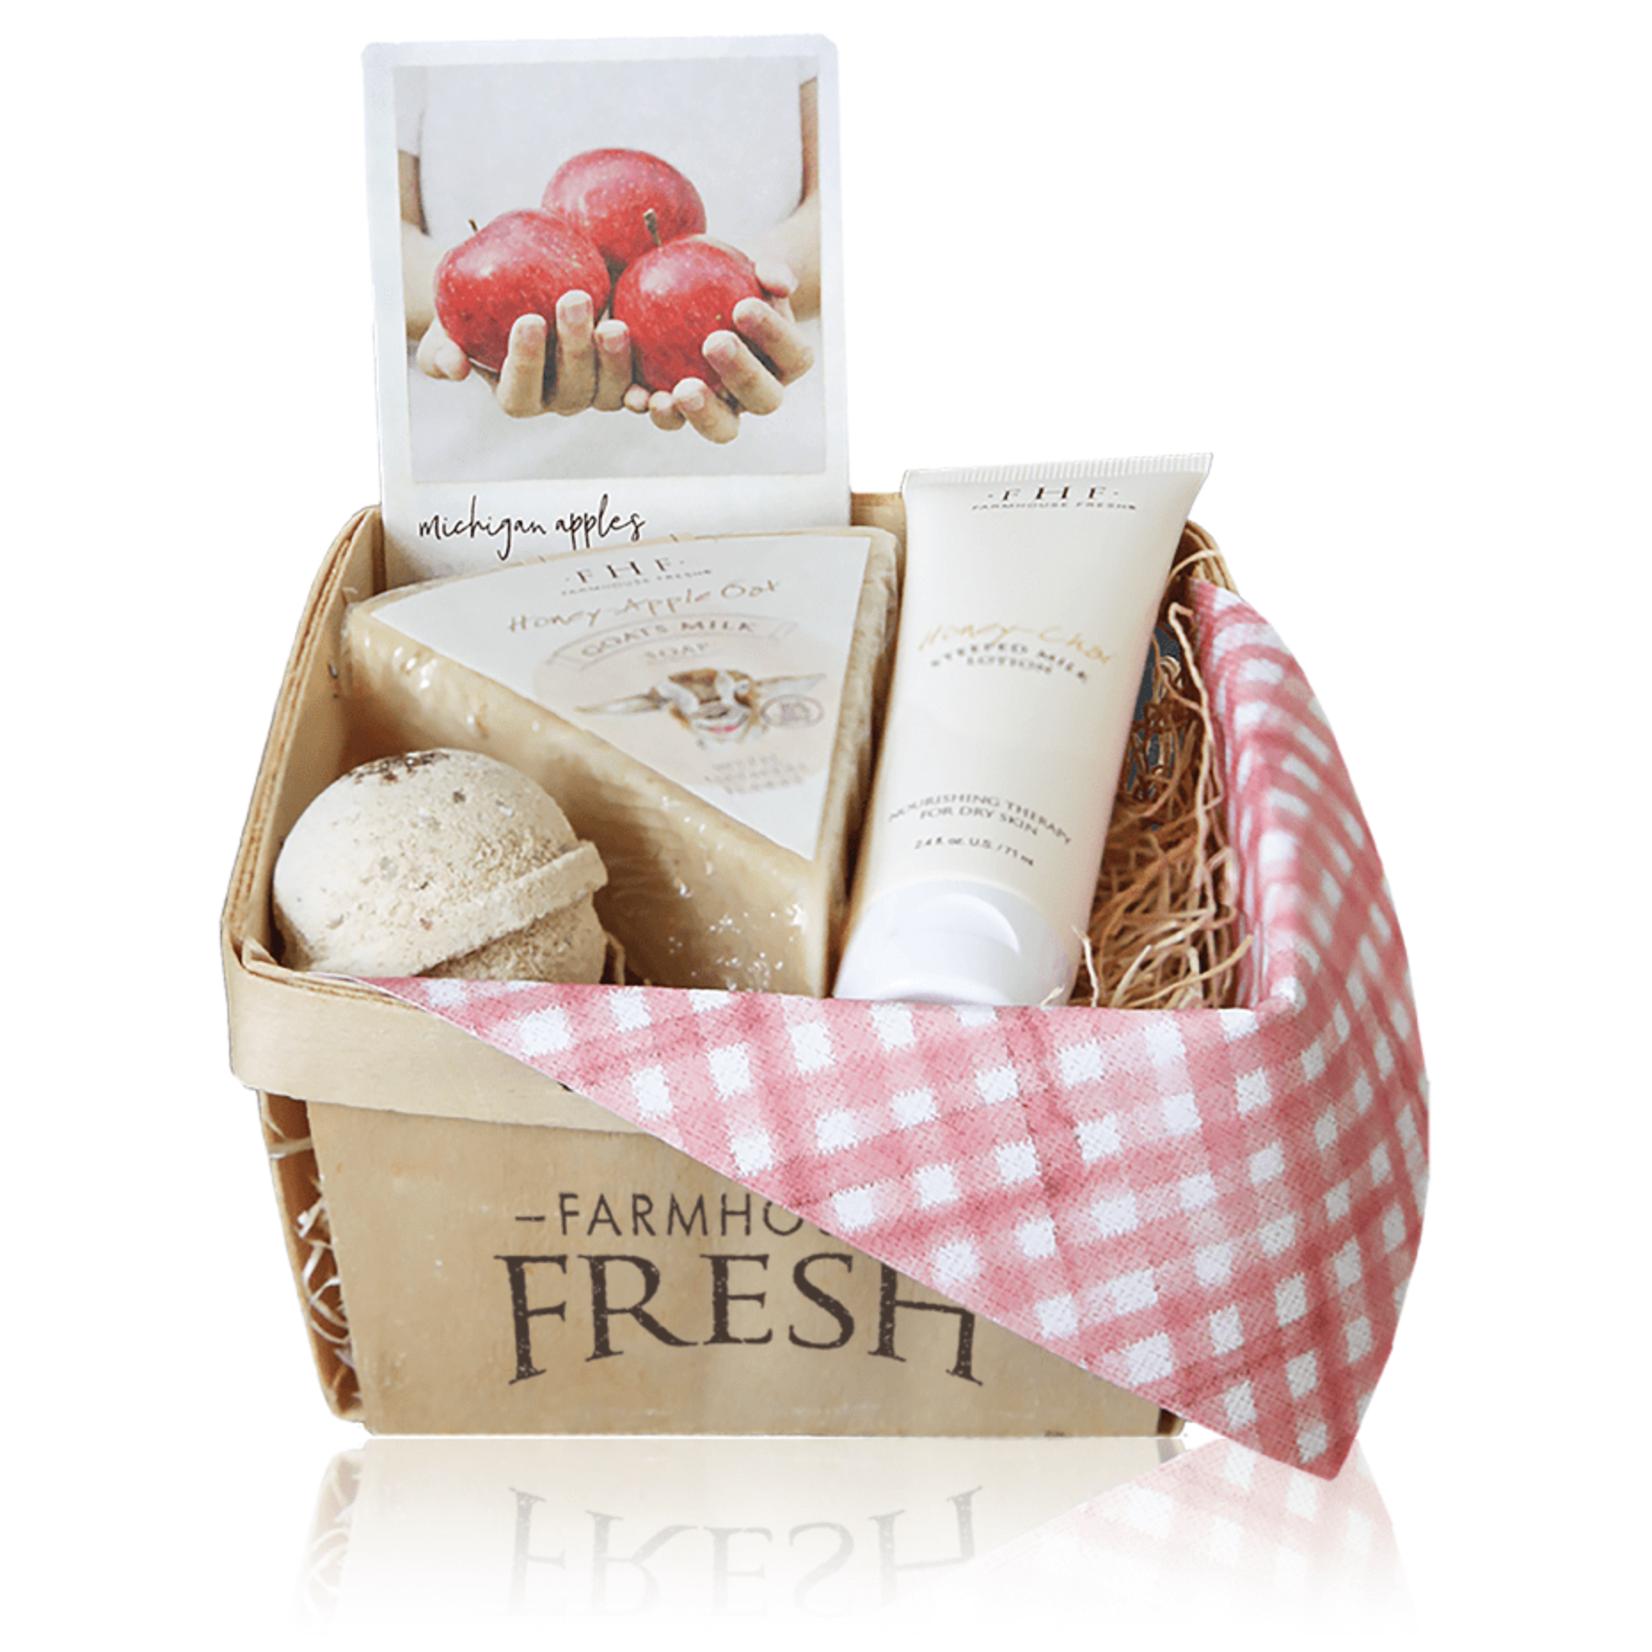 Farmhouse Fresh Apple Harvest Gift Basket